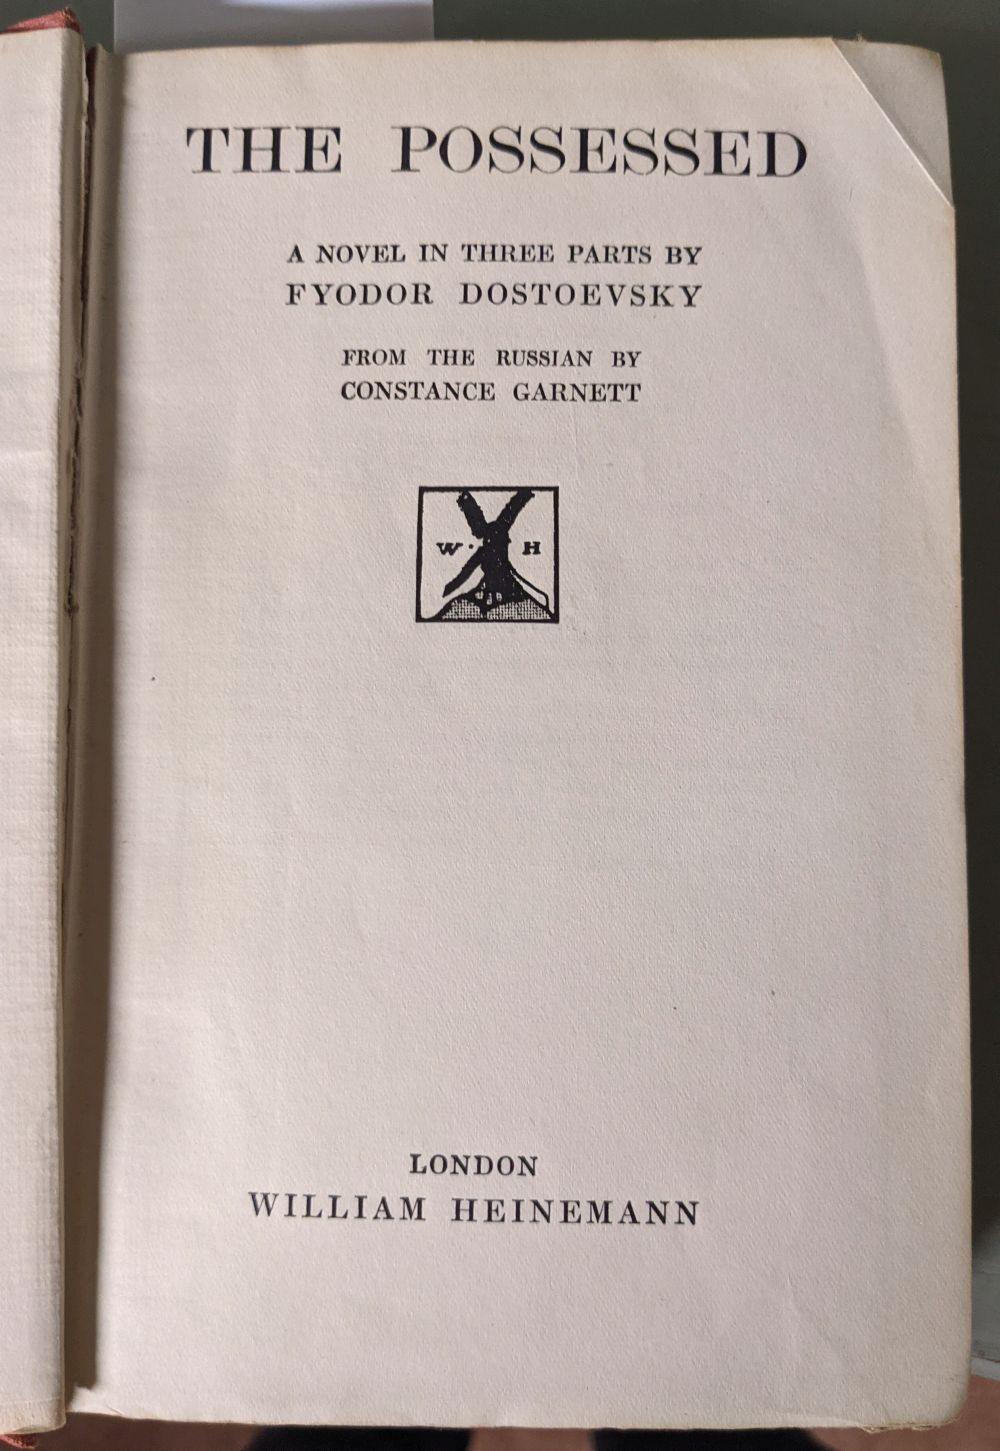 Dostoevsky (Fyodor). Novels, 1915-20 - Image 5 of 6